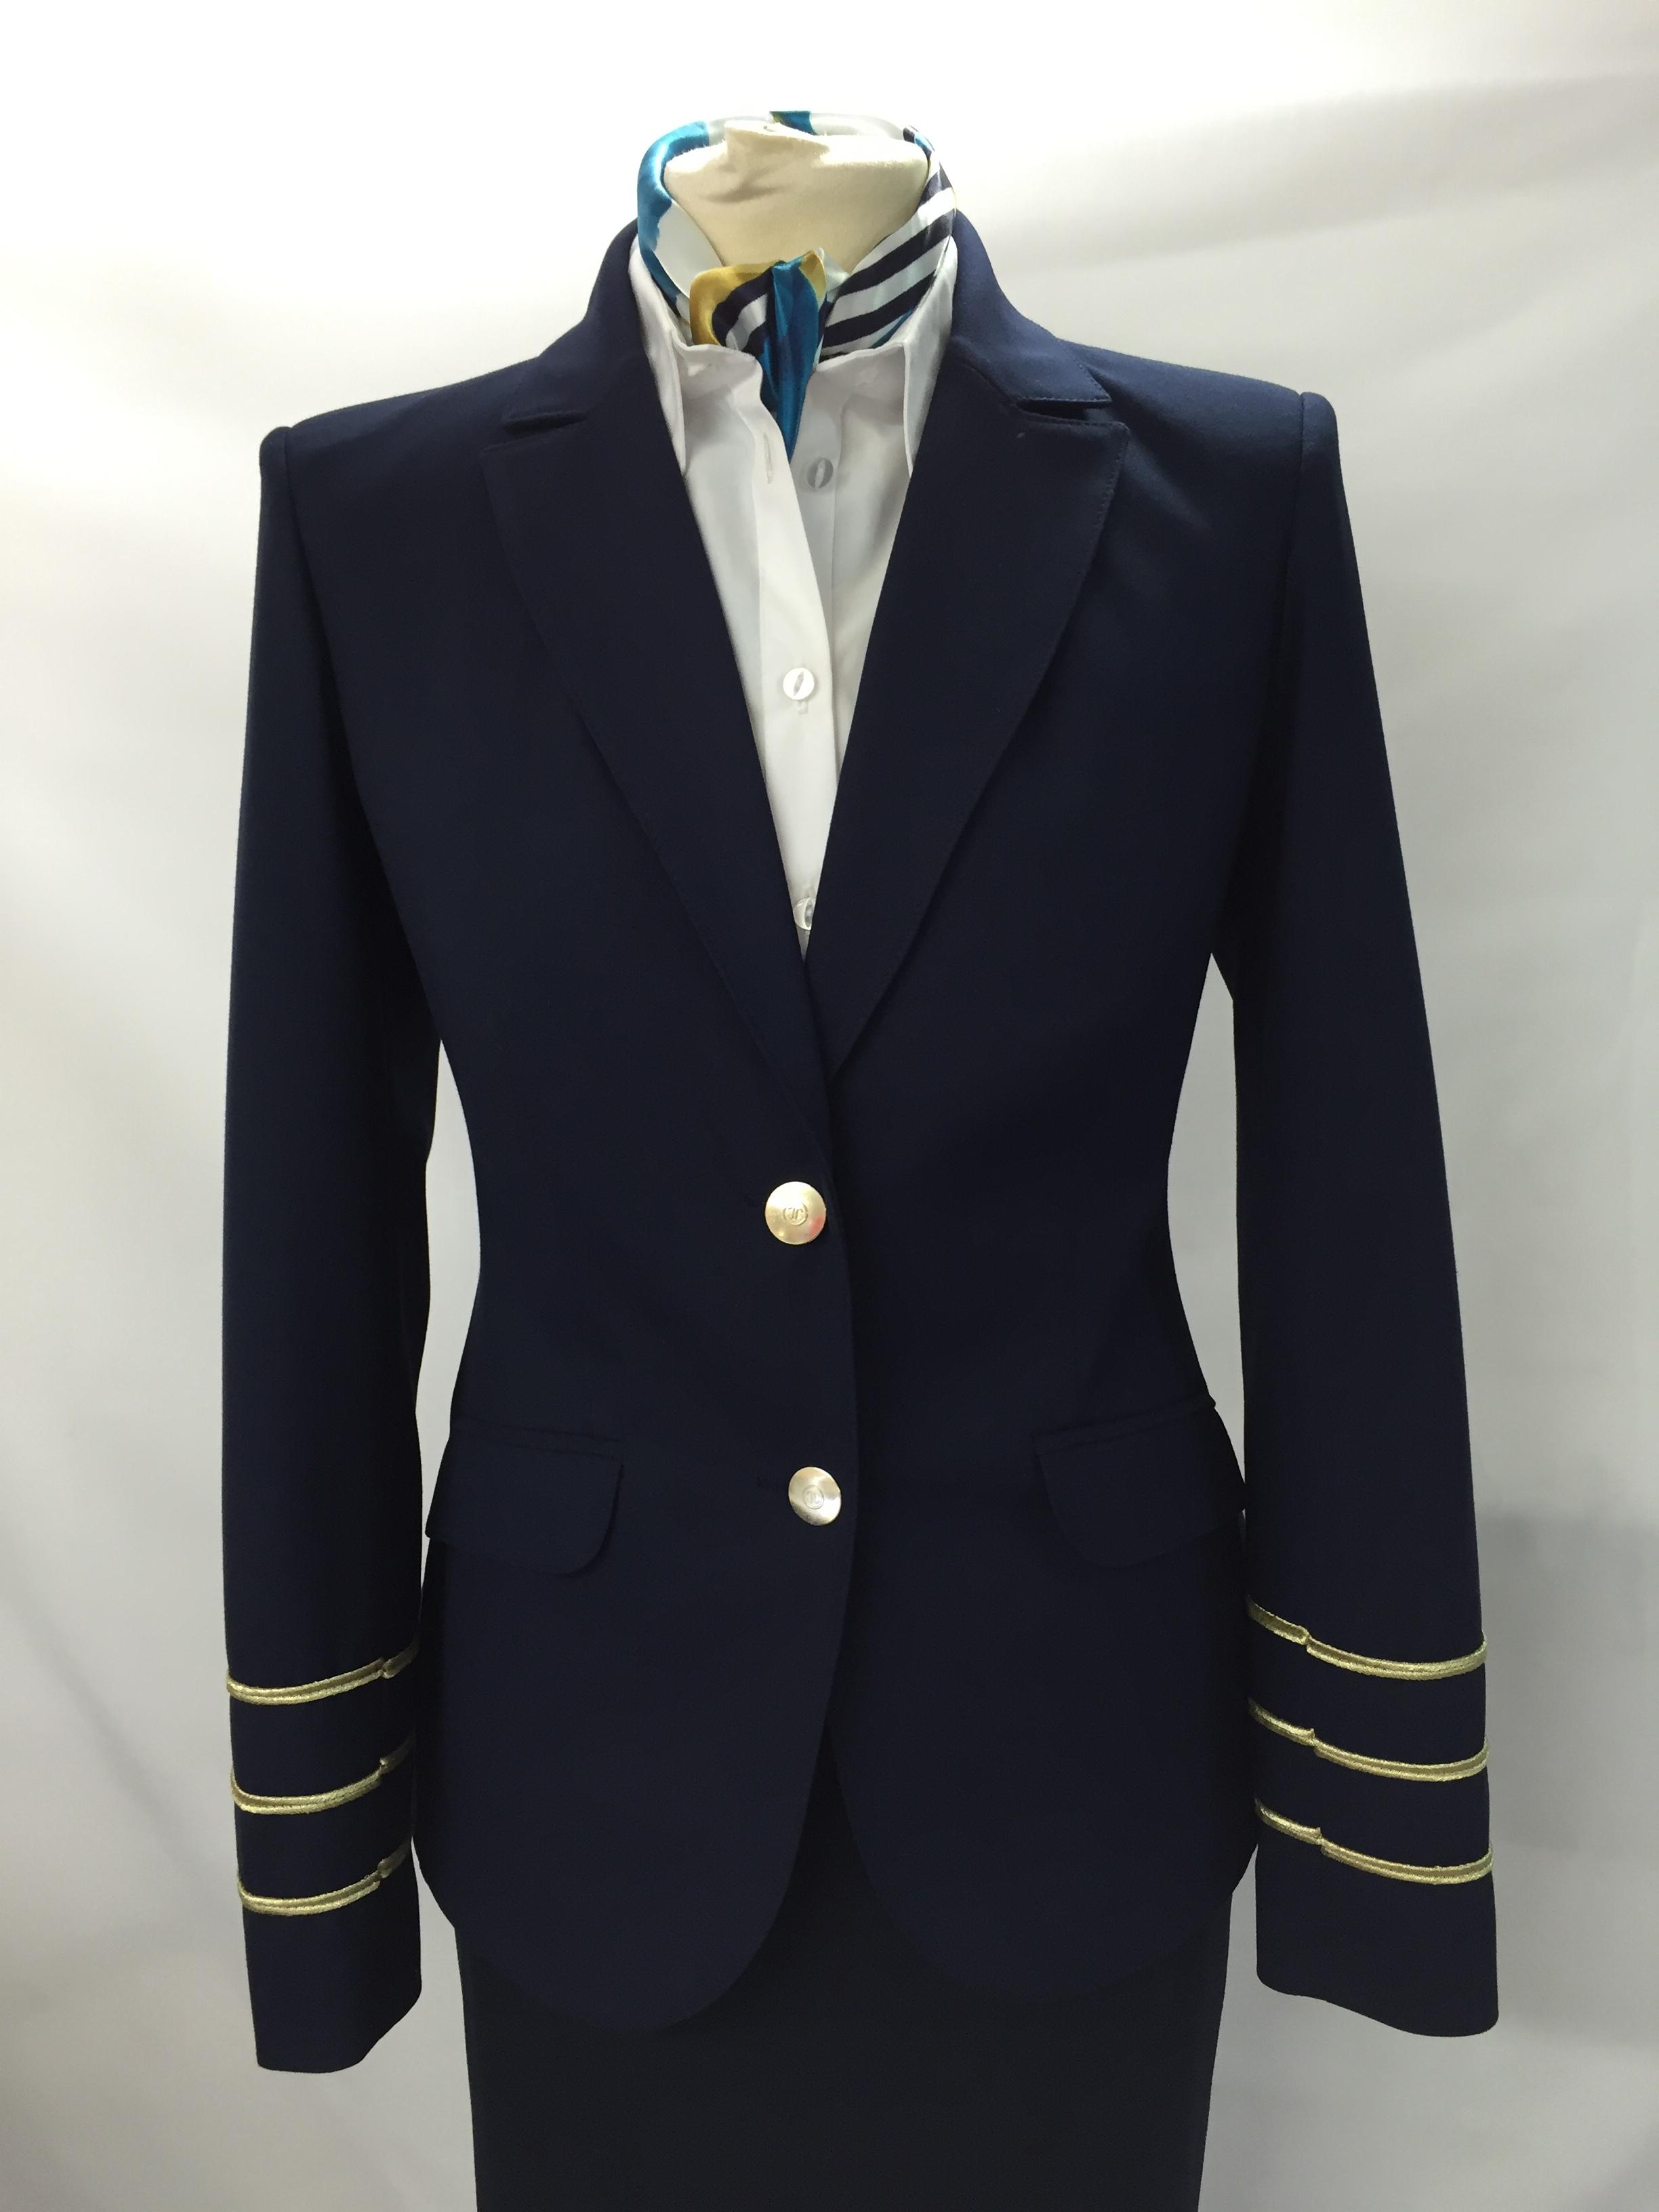 odziez-sluzbowa-hotelowa-pracownicza-recepcja-zakiet-stewardessa